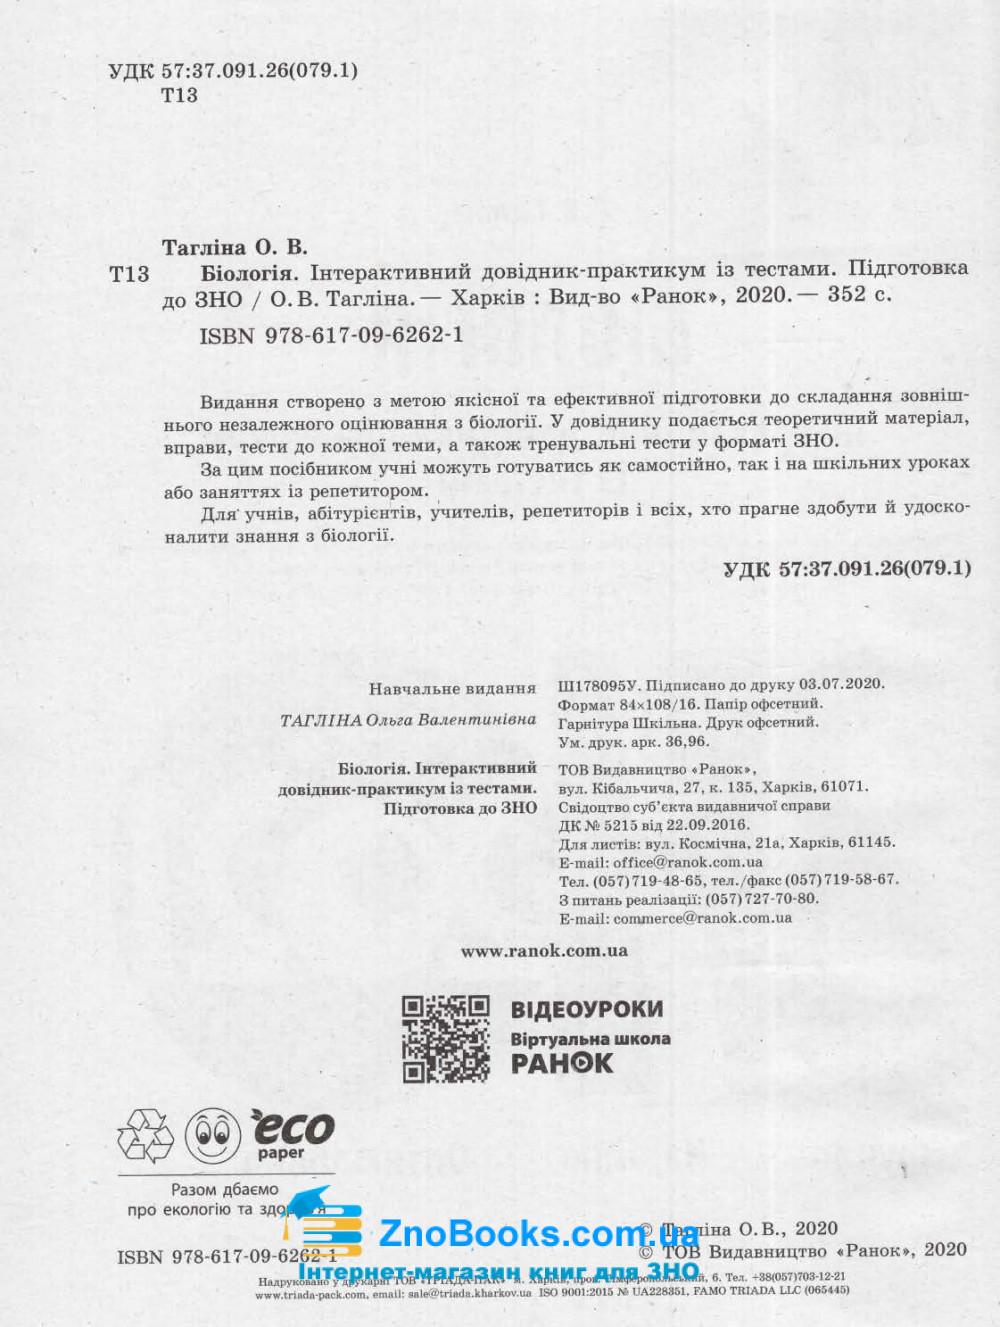 Інтерактивний довідник-практикум із тестами з біології до ЗНО 2021 : Тагліна О.  Ранок. купити 2